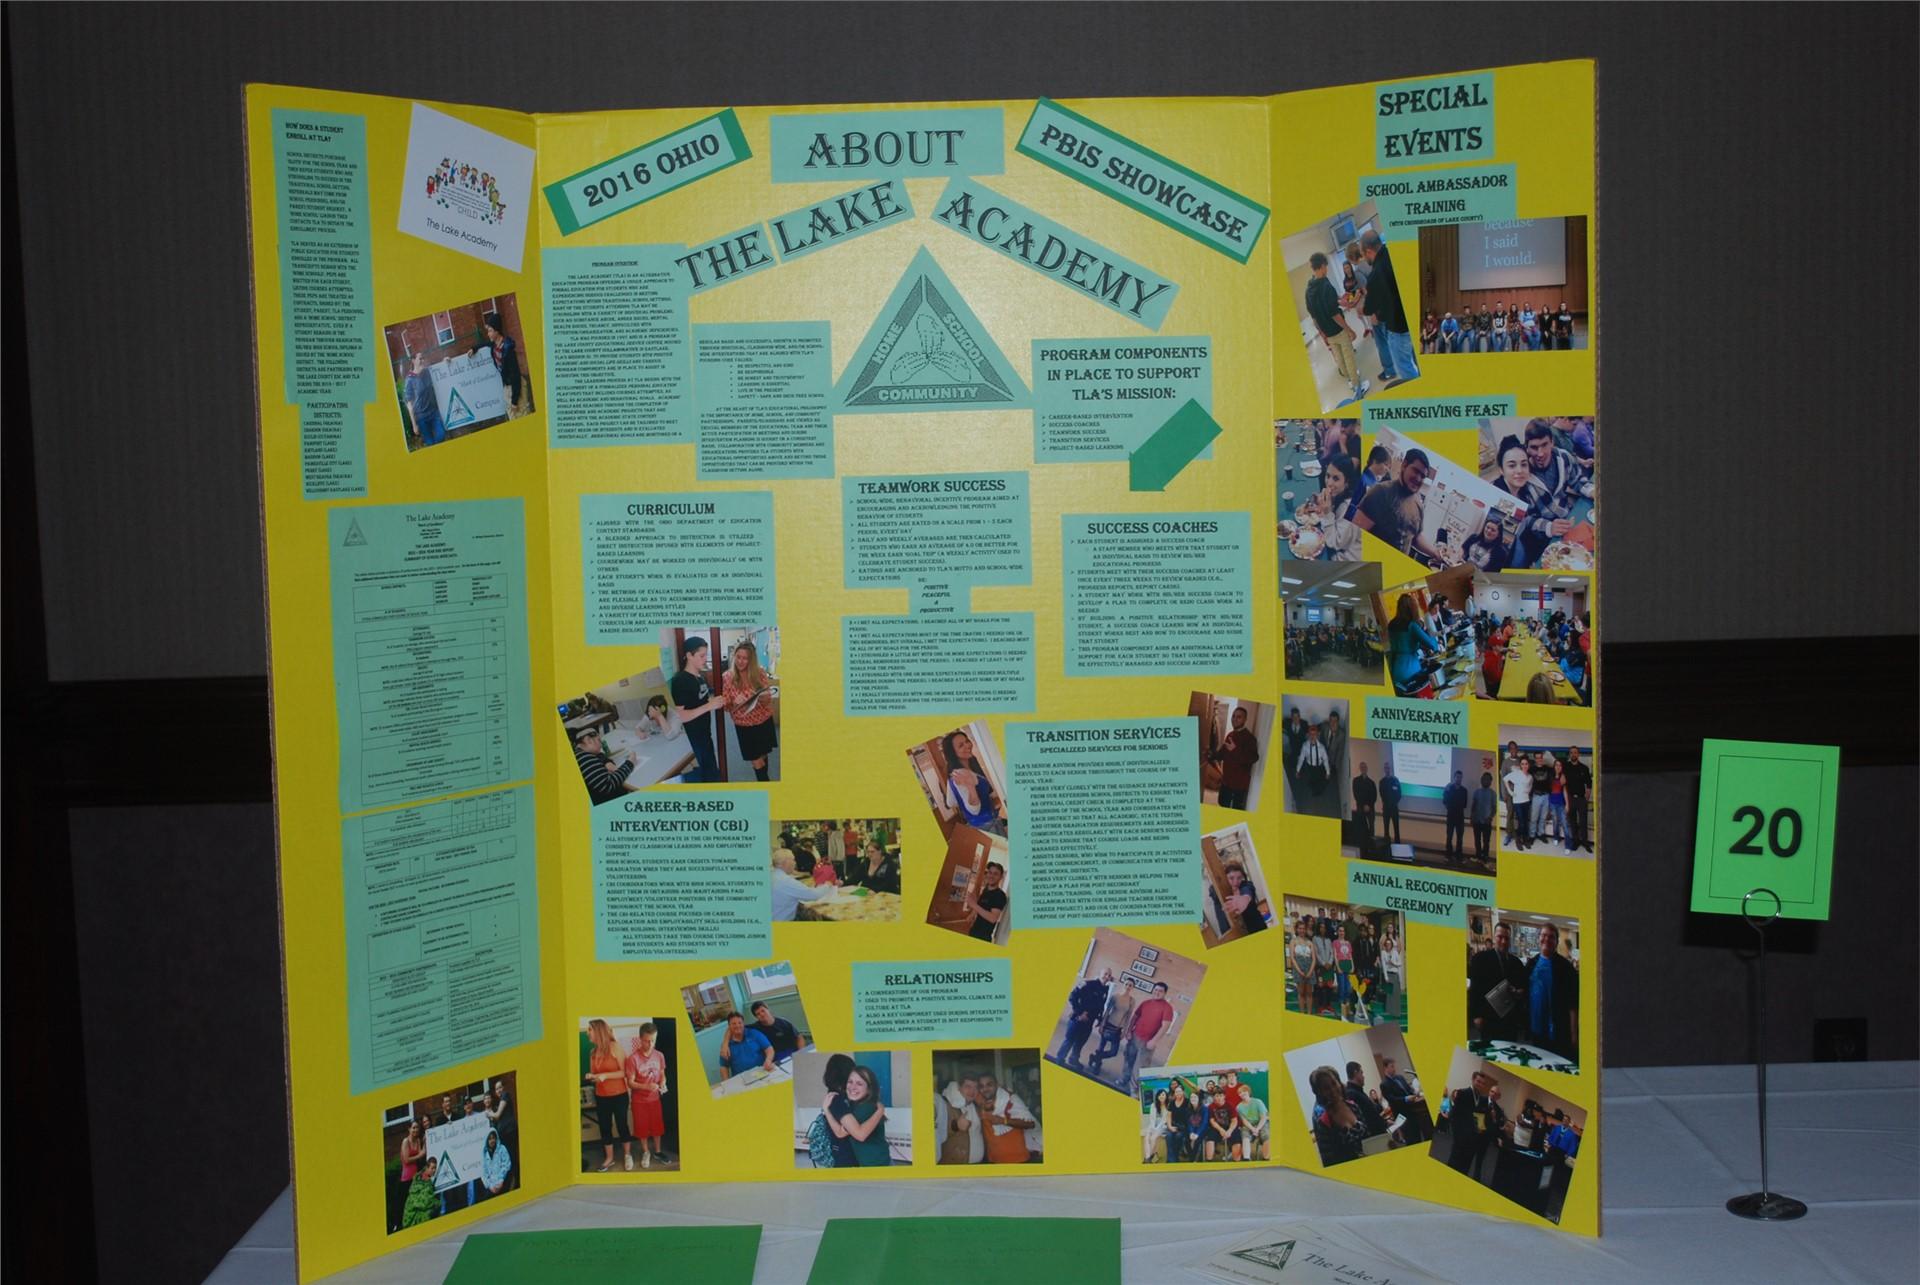 The Lake Academy Showcase at the Ohio PBIS 2016